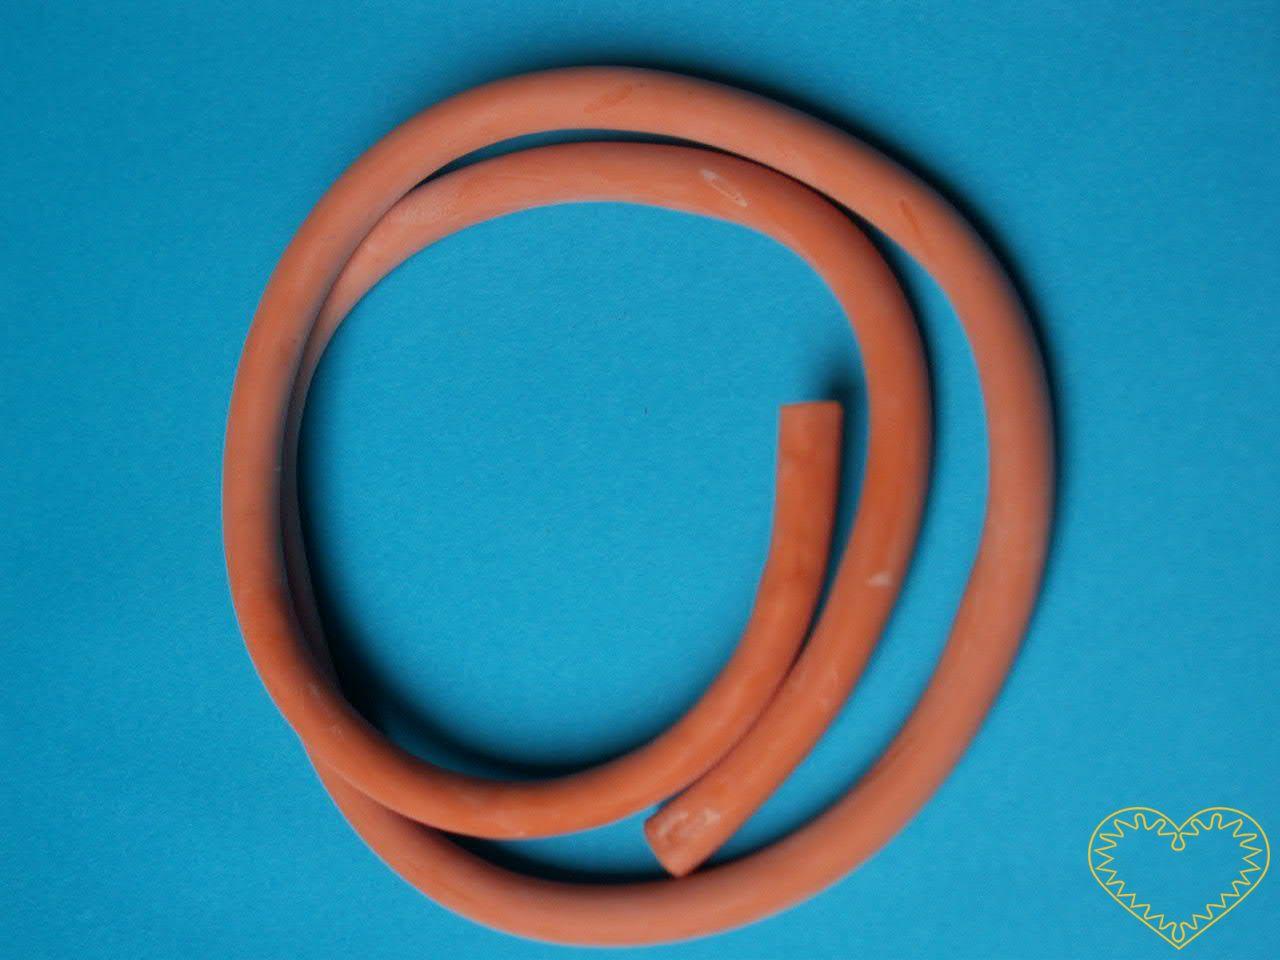 Praková guma kulatá dutá / guma pro výrobu praku - 0,5 m